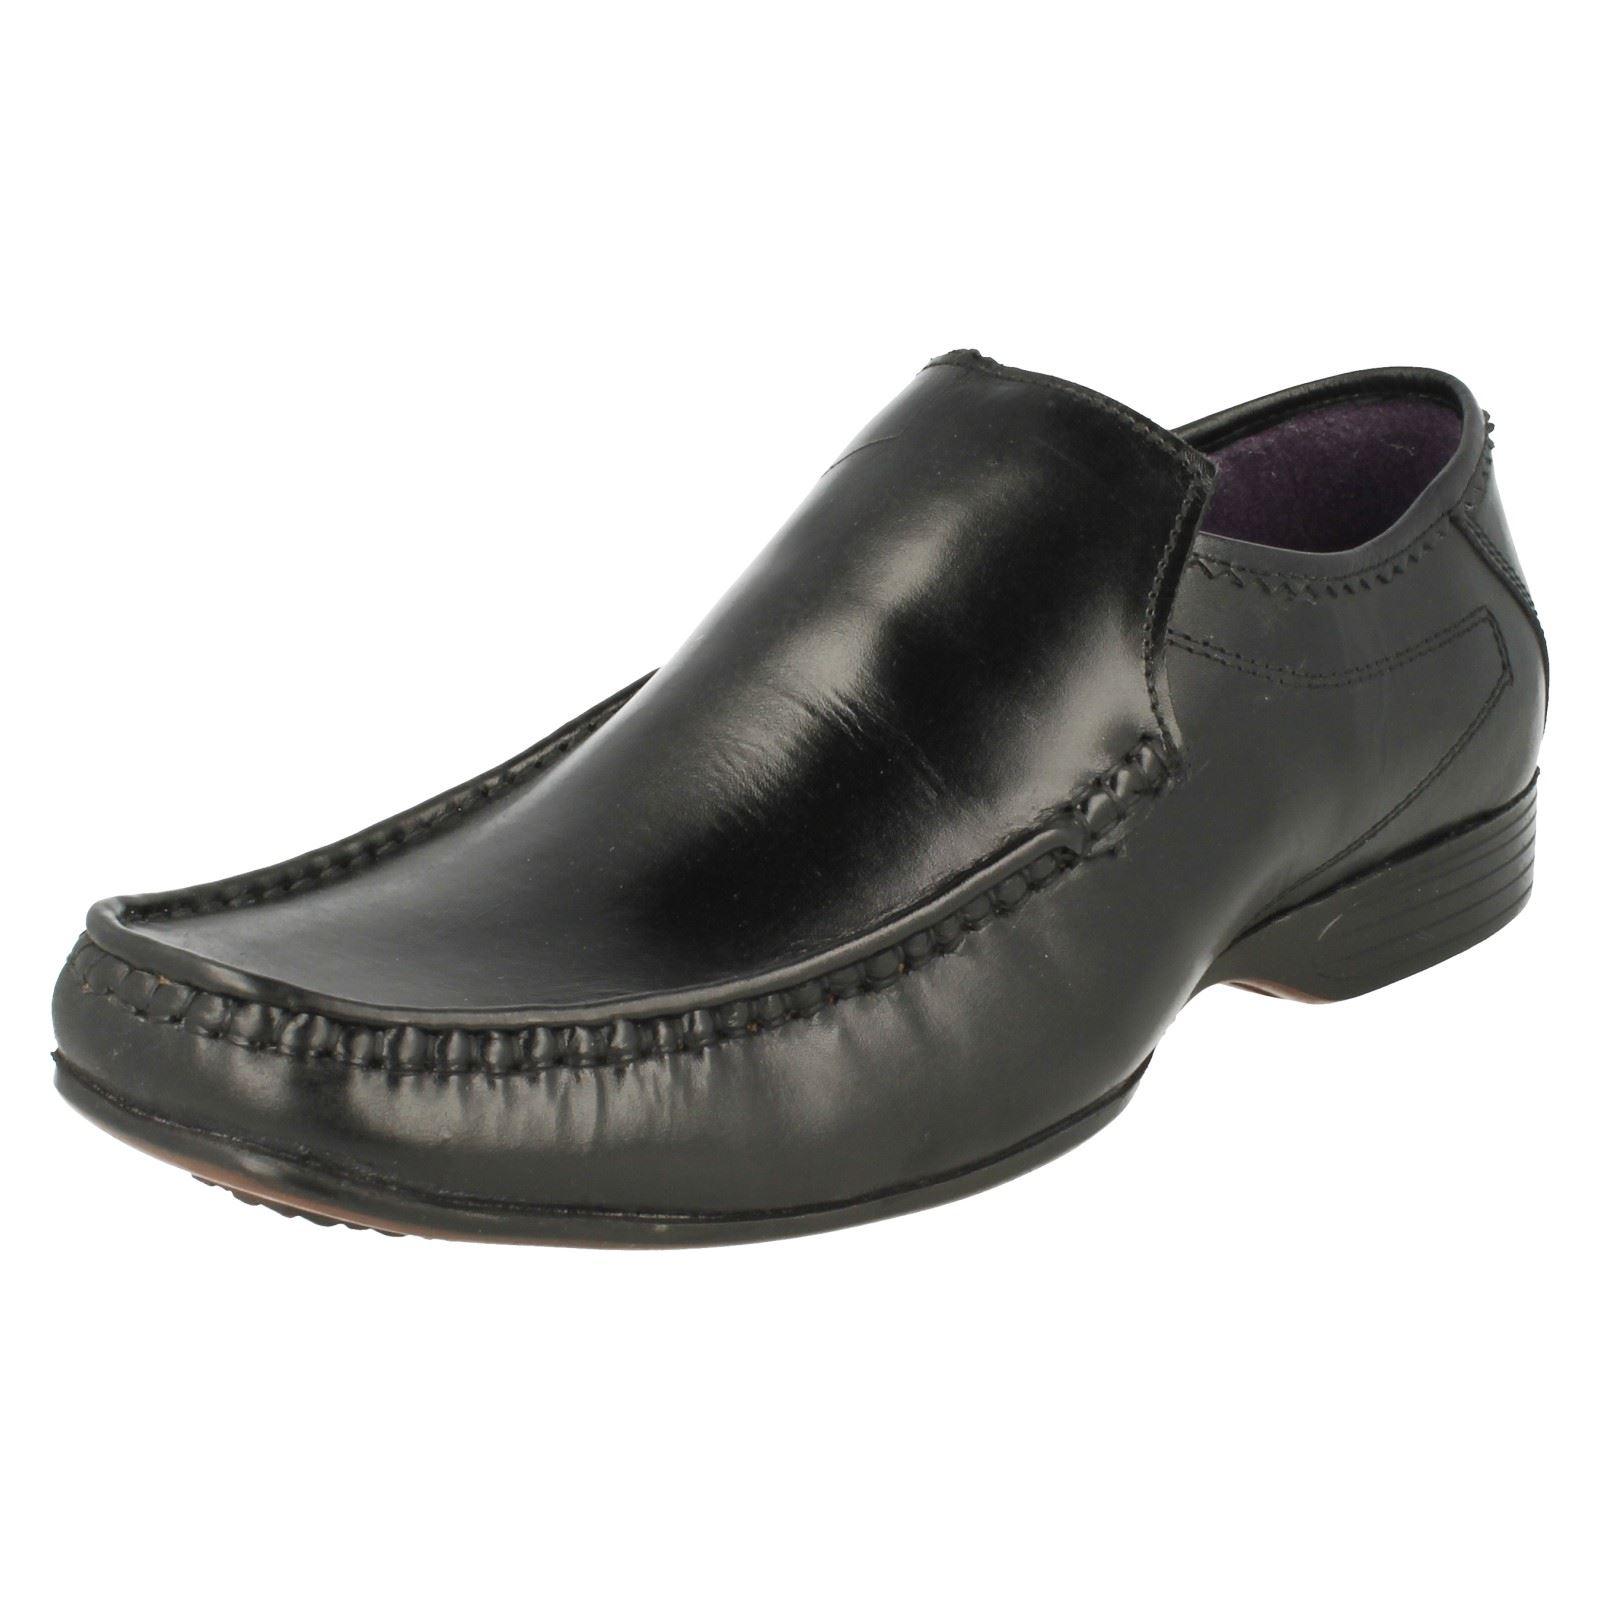 Mens Lambretta Black Leather Formal Dress Shoe Office School Loafer Shoes